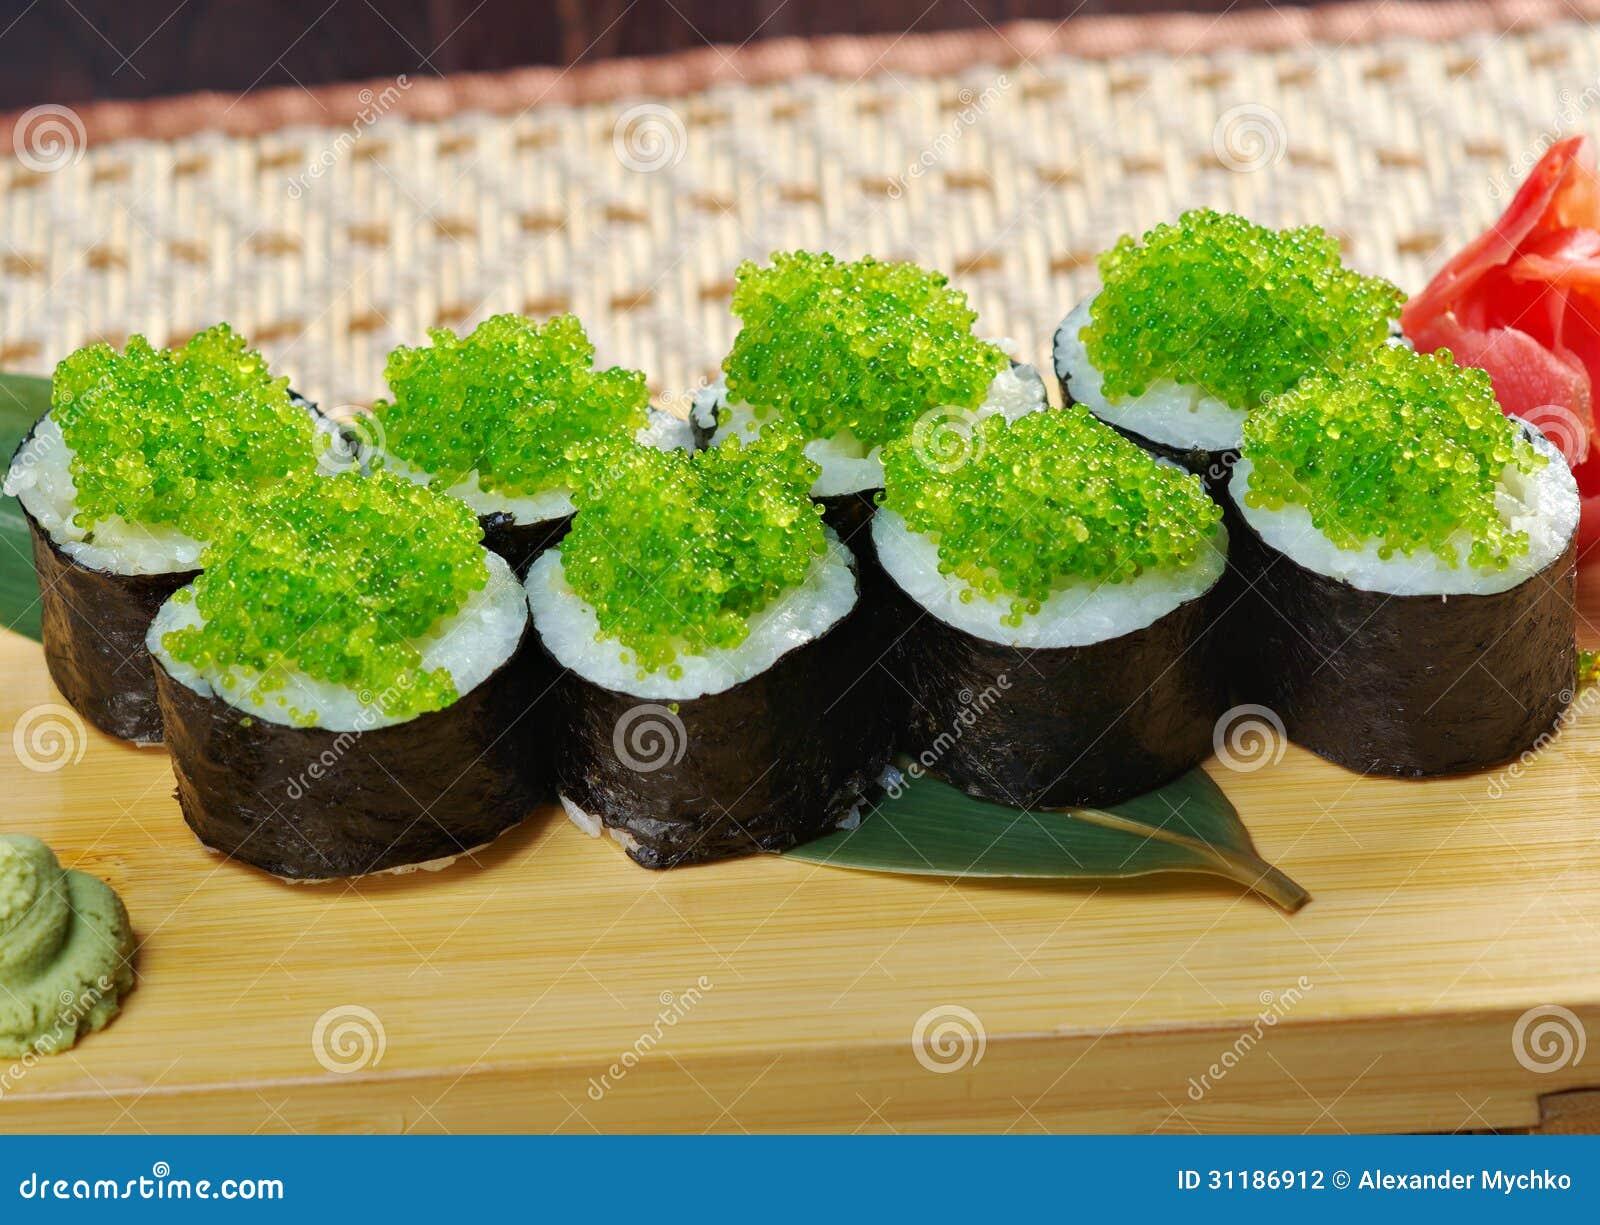 Tobiko flying fish roe gunkan maki sushi stock photo for Flying fish roe